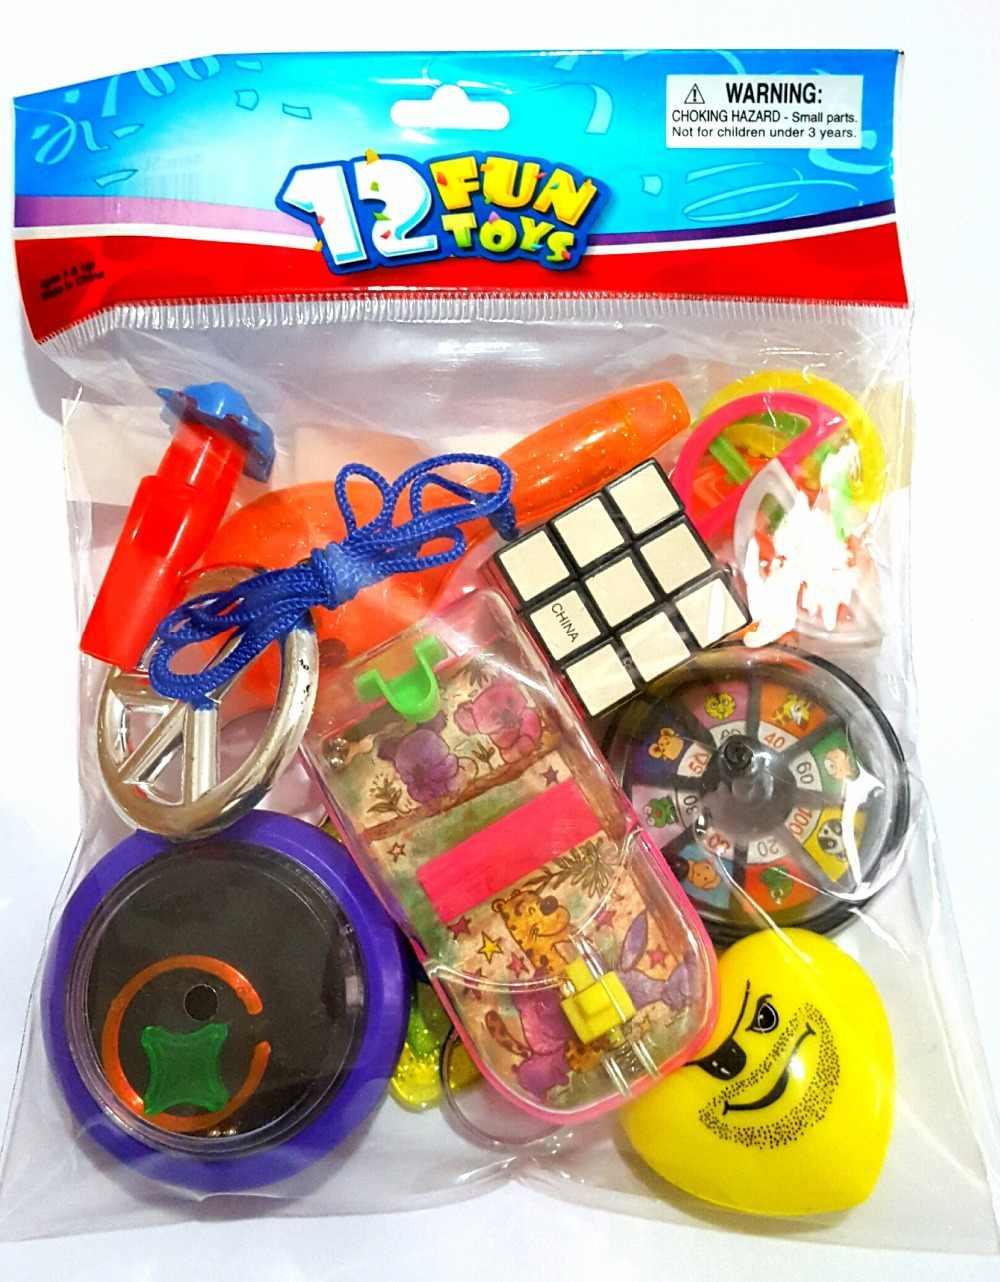 12 шт. Забавные игрушки унисекс MIX-C для детей, мальчиков и девочек, детские сувениры для вечеринки ко дню рождения, пината, сумка, наполнитель, кляп, подарки на удачу Подарочная Новинка